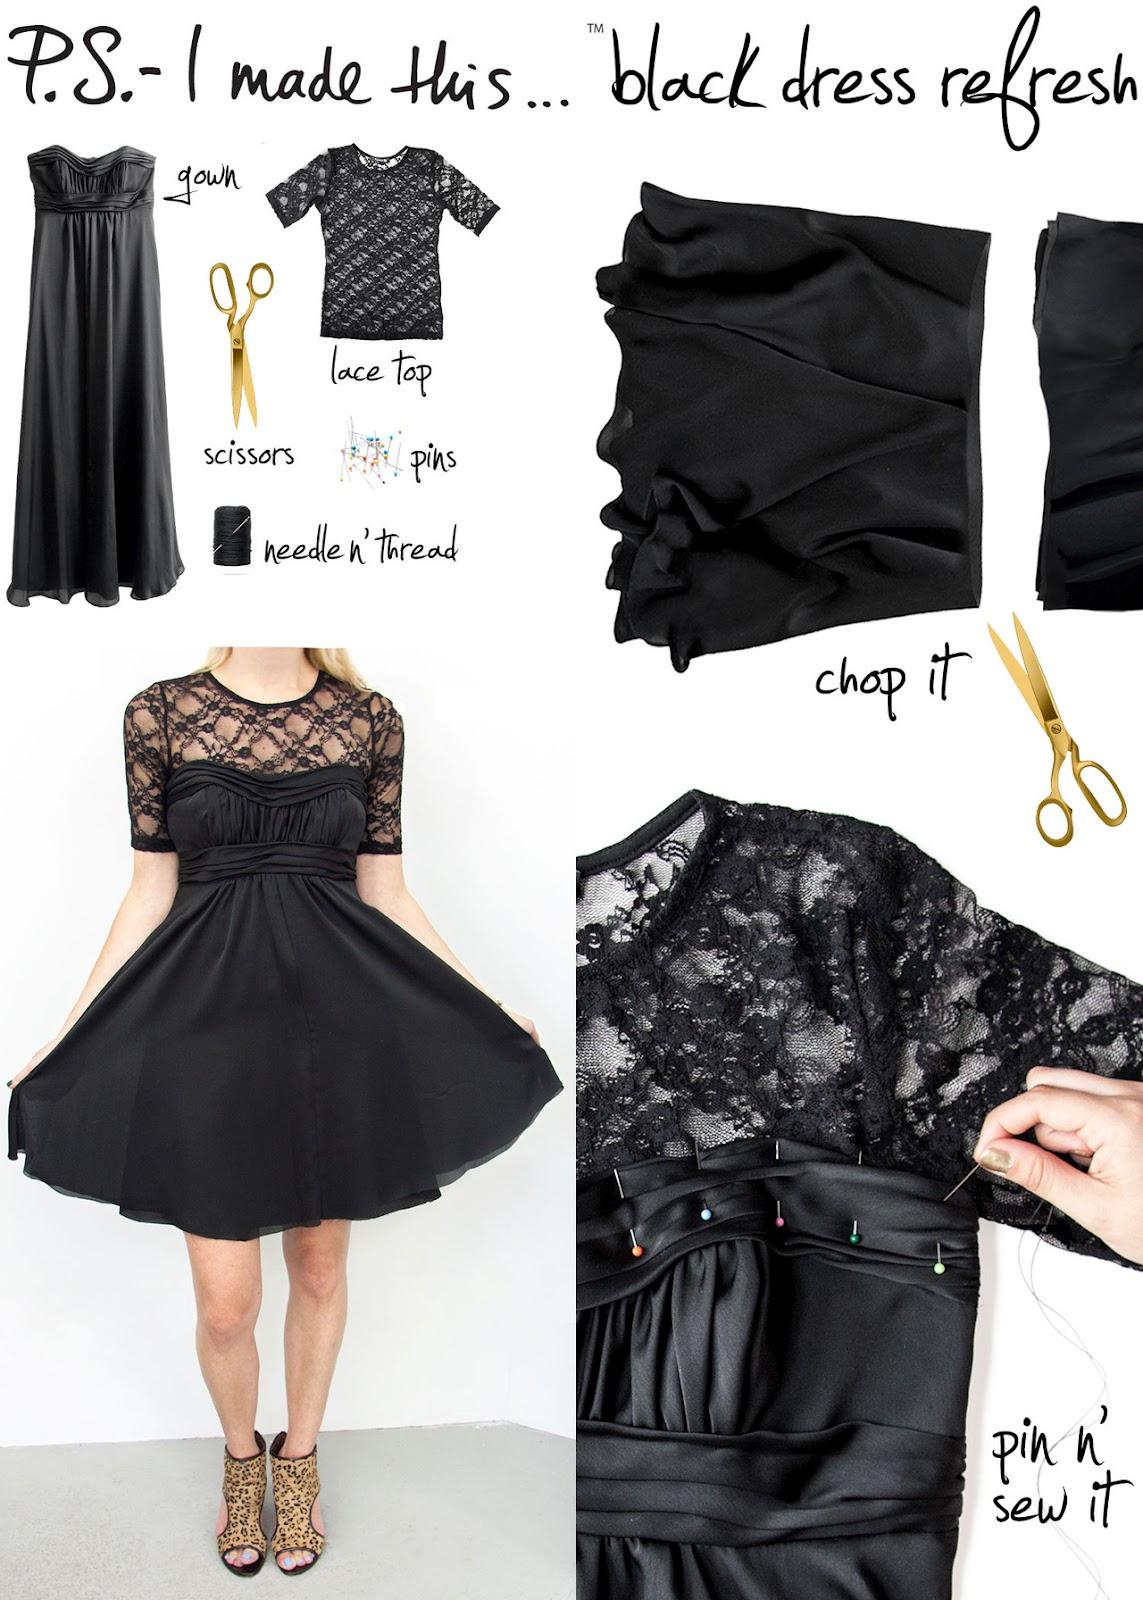 9ae6c5fee Toques e Retoques: Retoque seu vestido - DIY